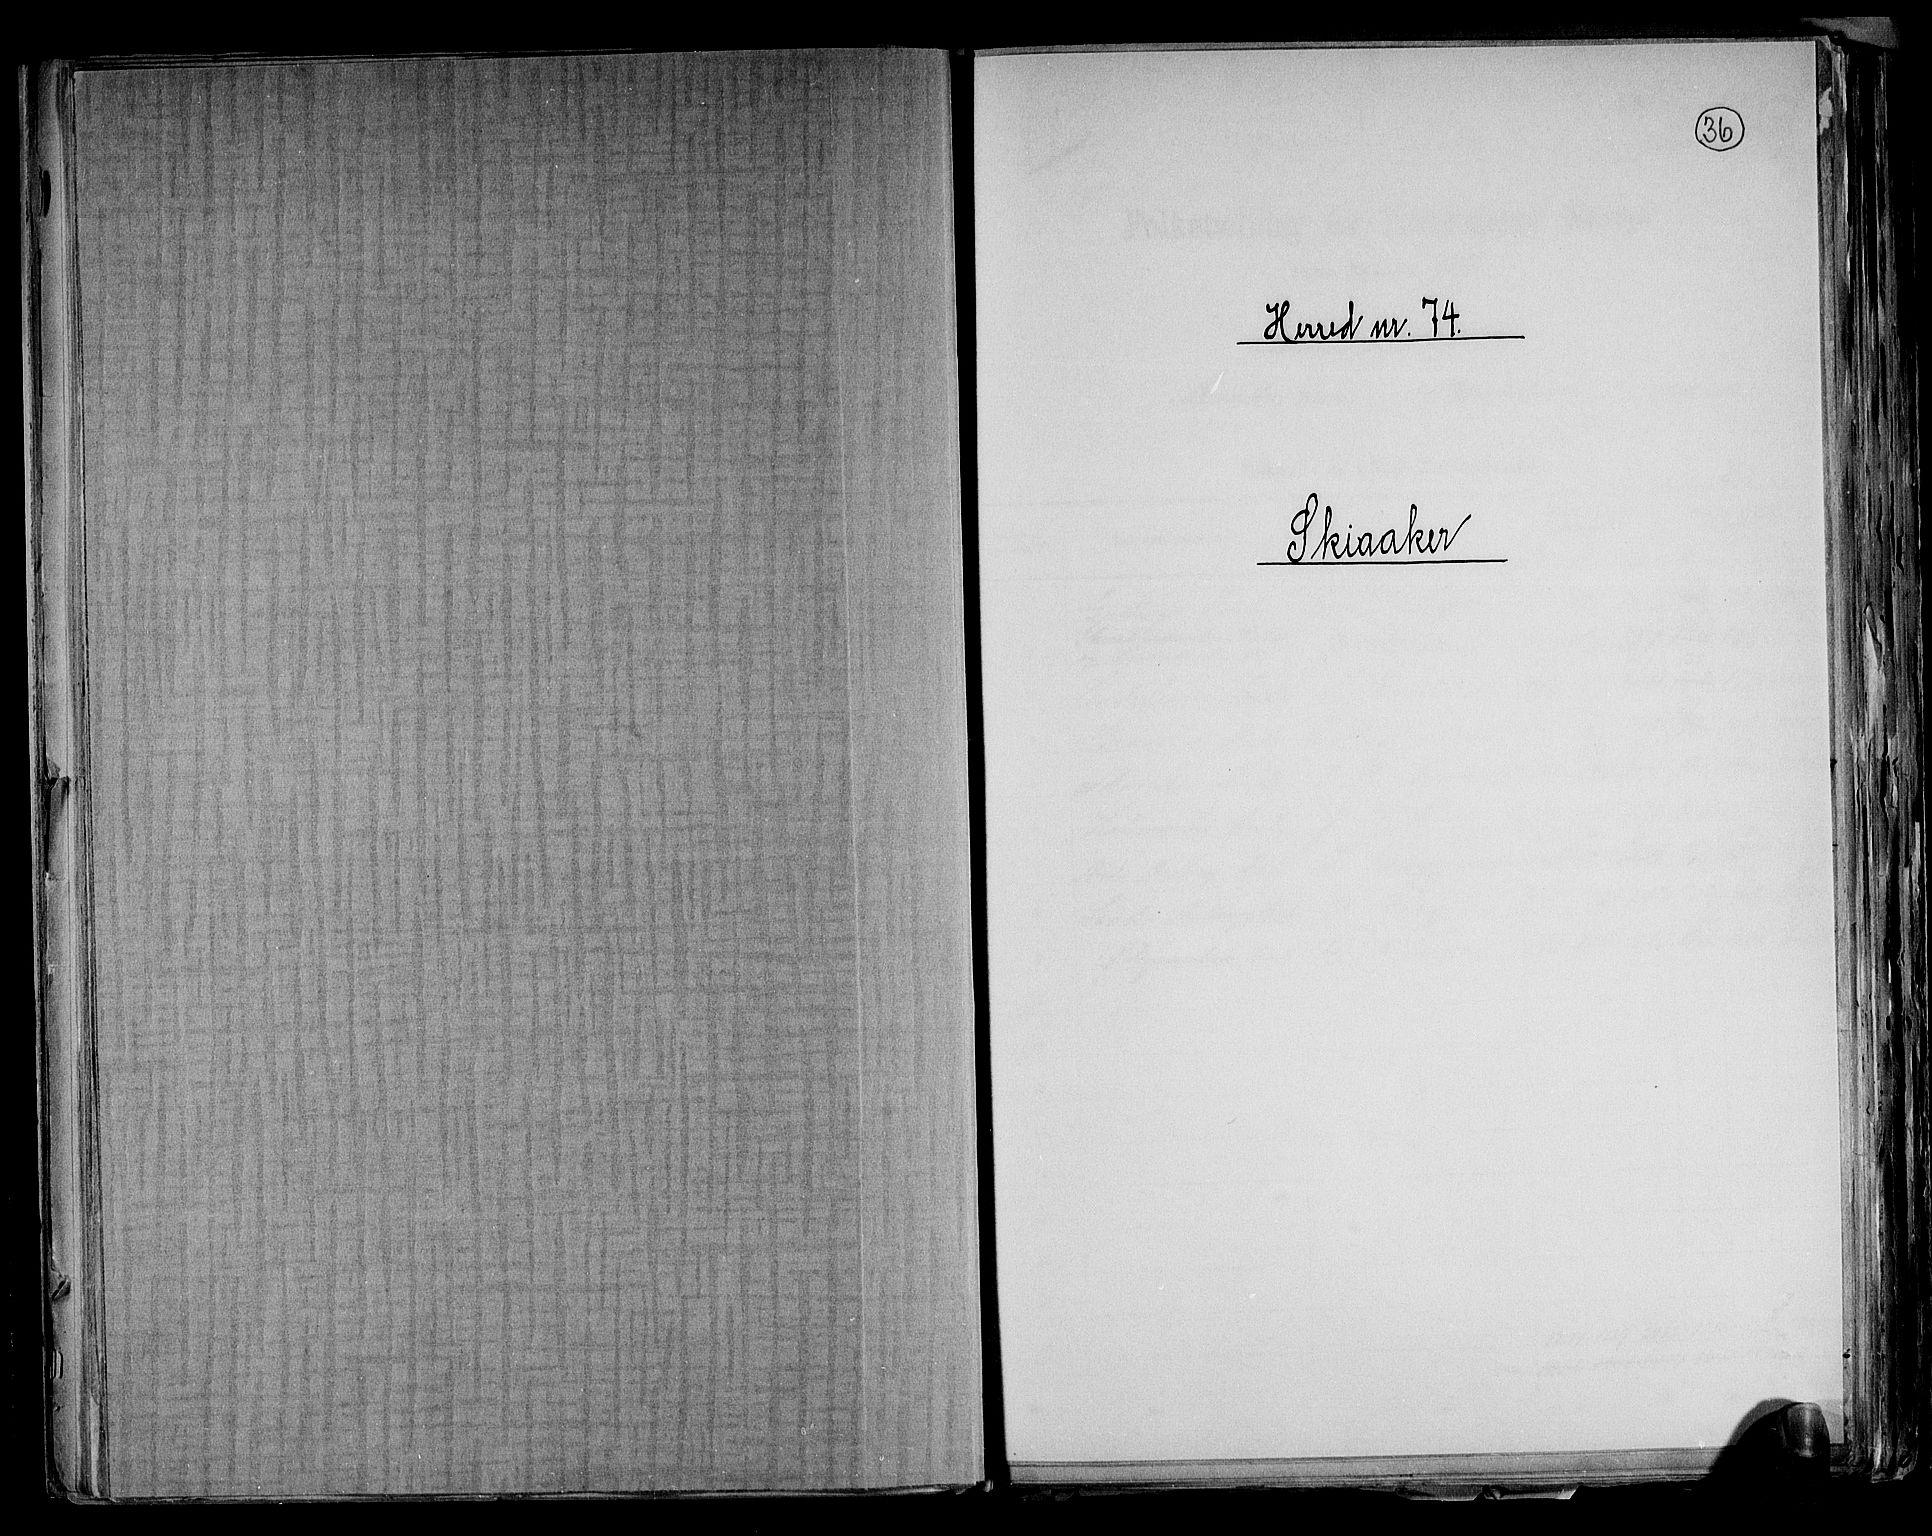 RA, Folketelling 1891 for 0513 Skjåk herred, 1891, s. 1